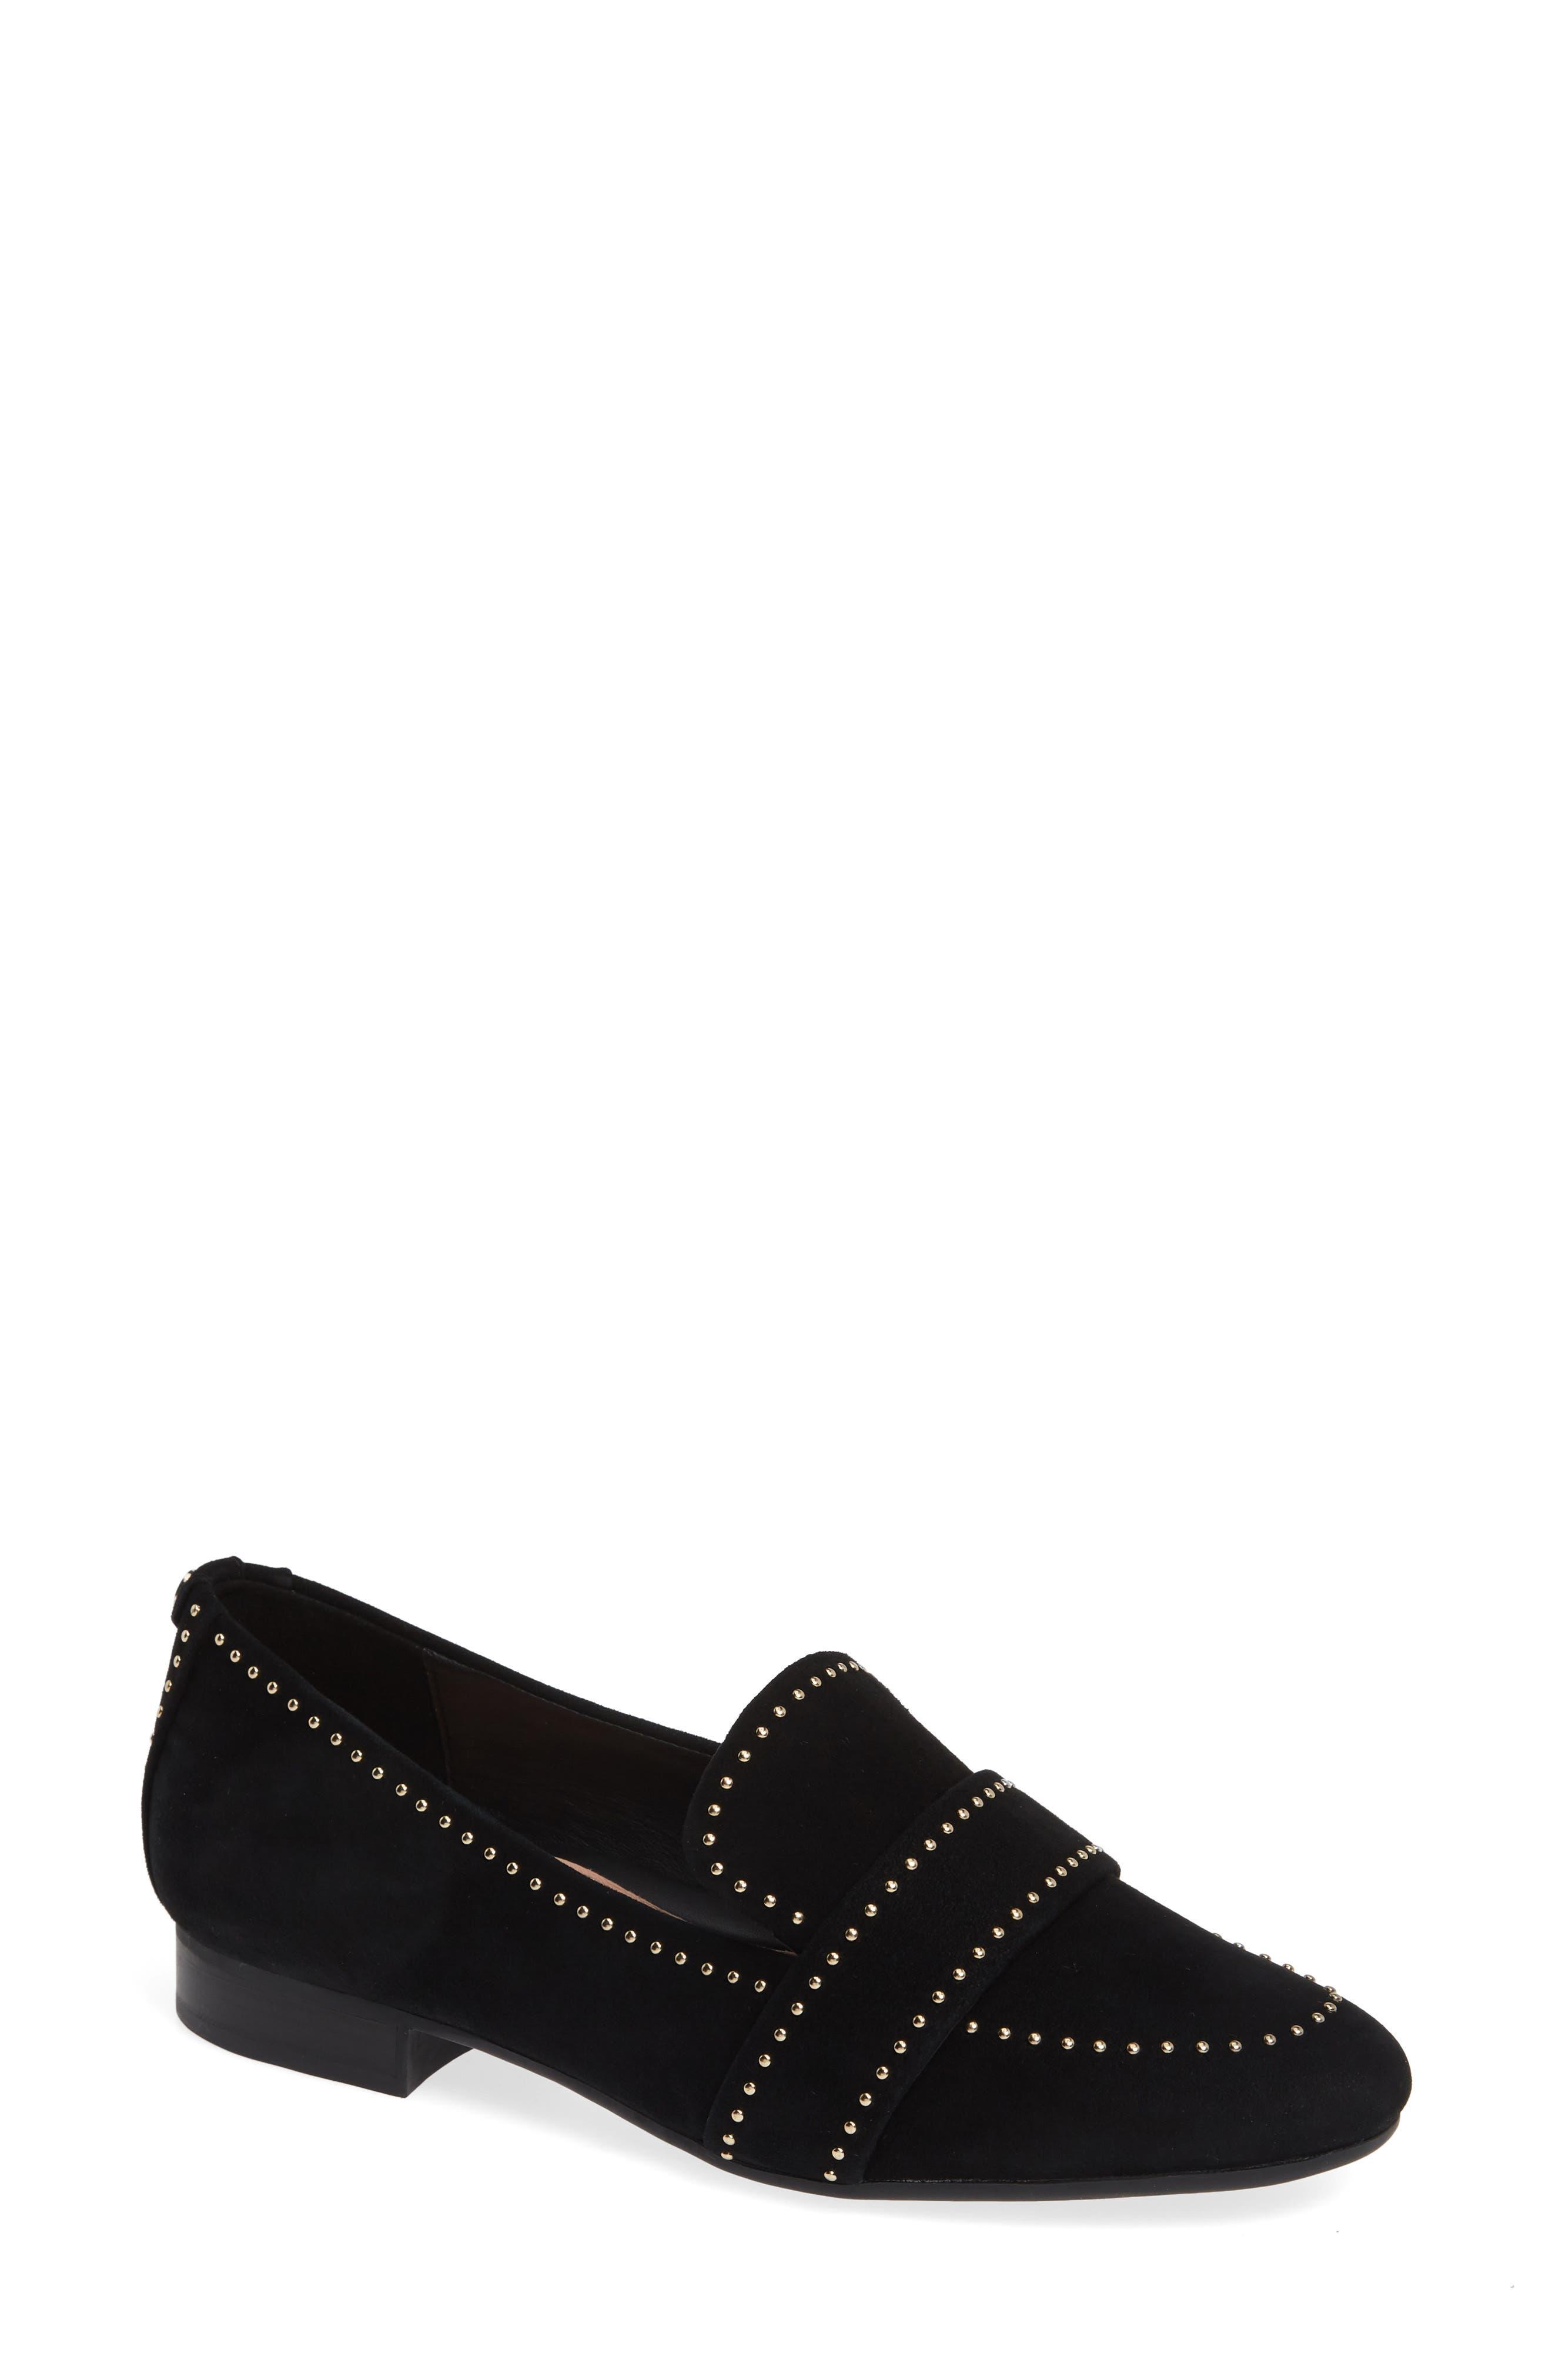 TARYN ROSE Bristol Loafer, Main, color, BLACK SUEDE